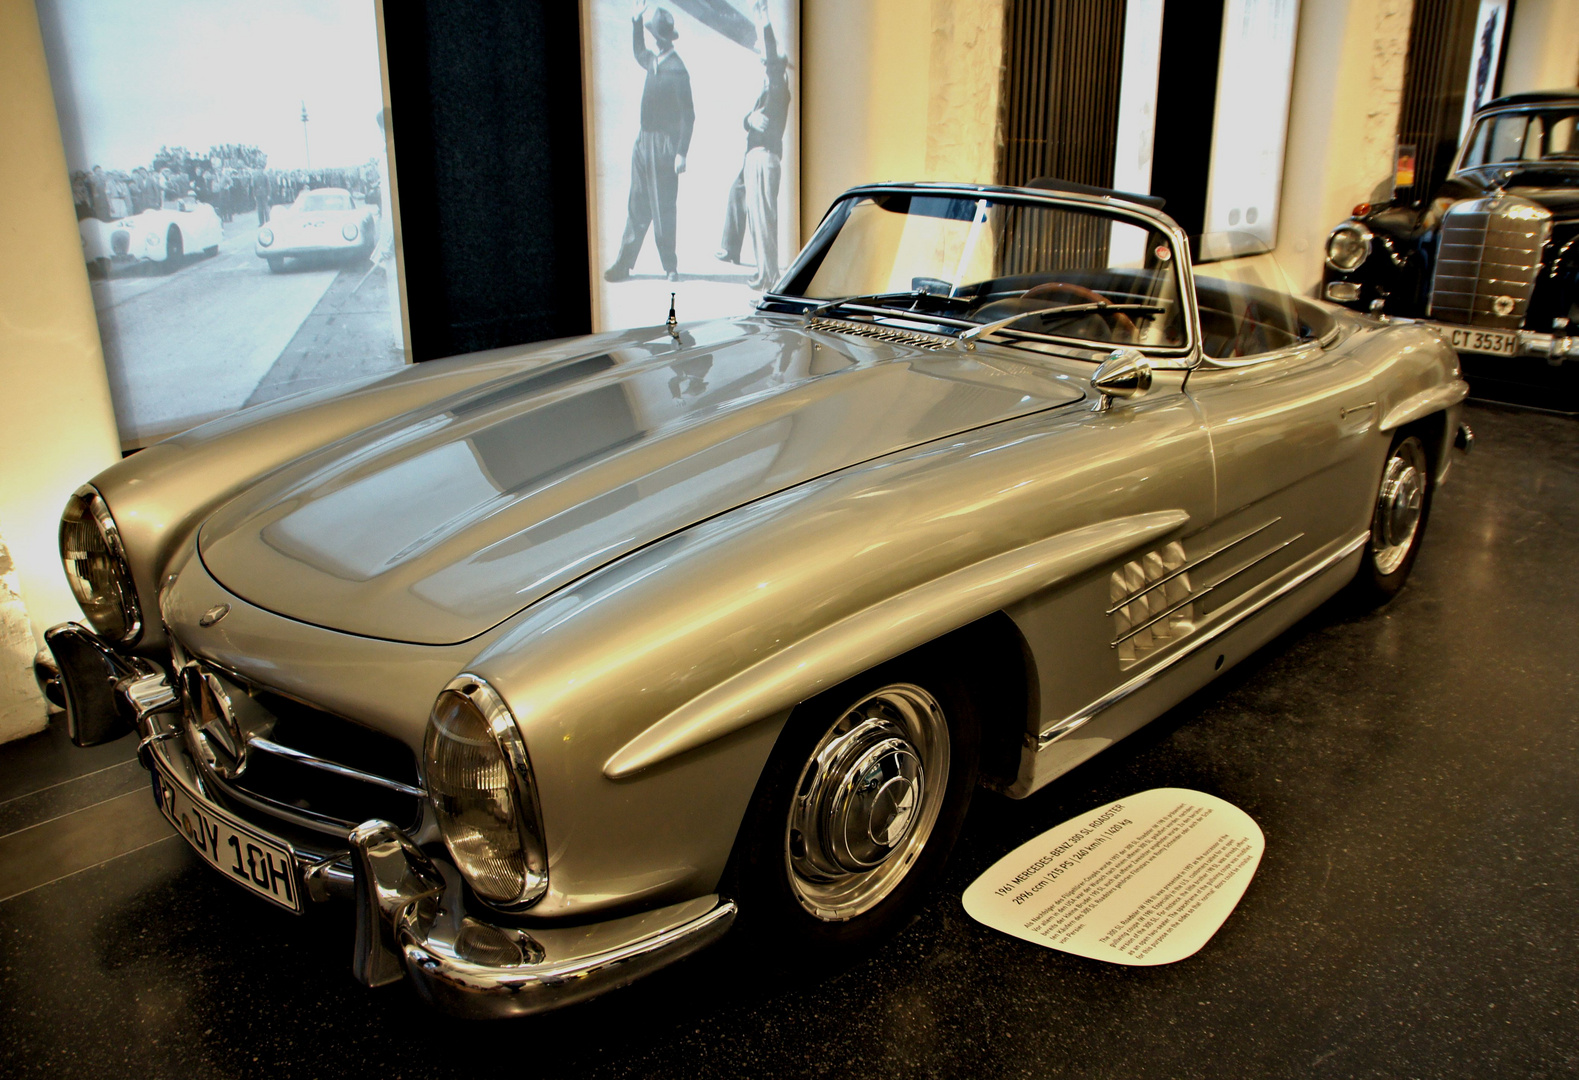 Automuseum - PROTOTYP - Hamburg - Bild (5)